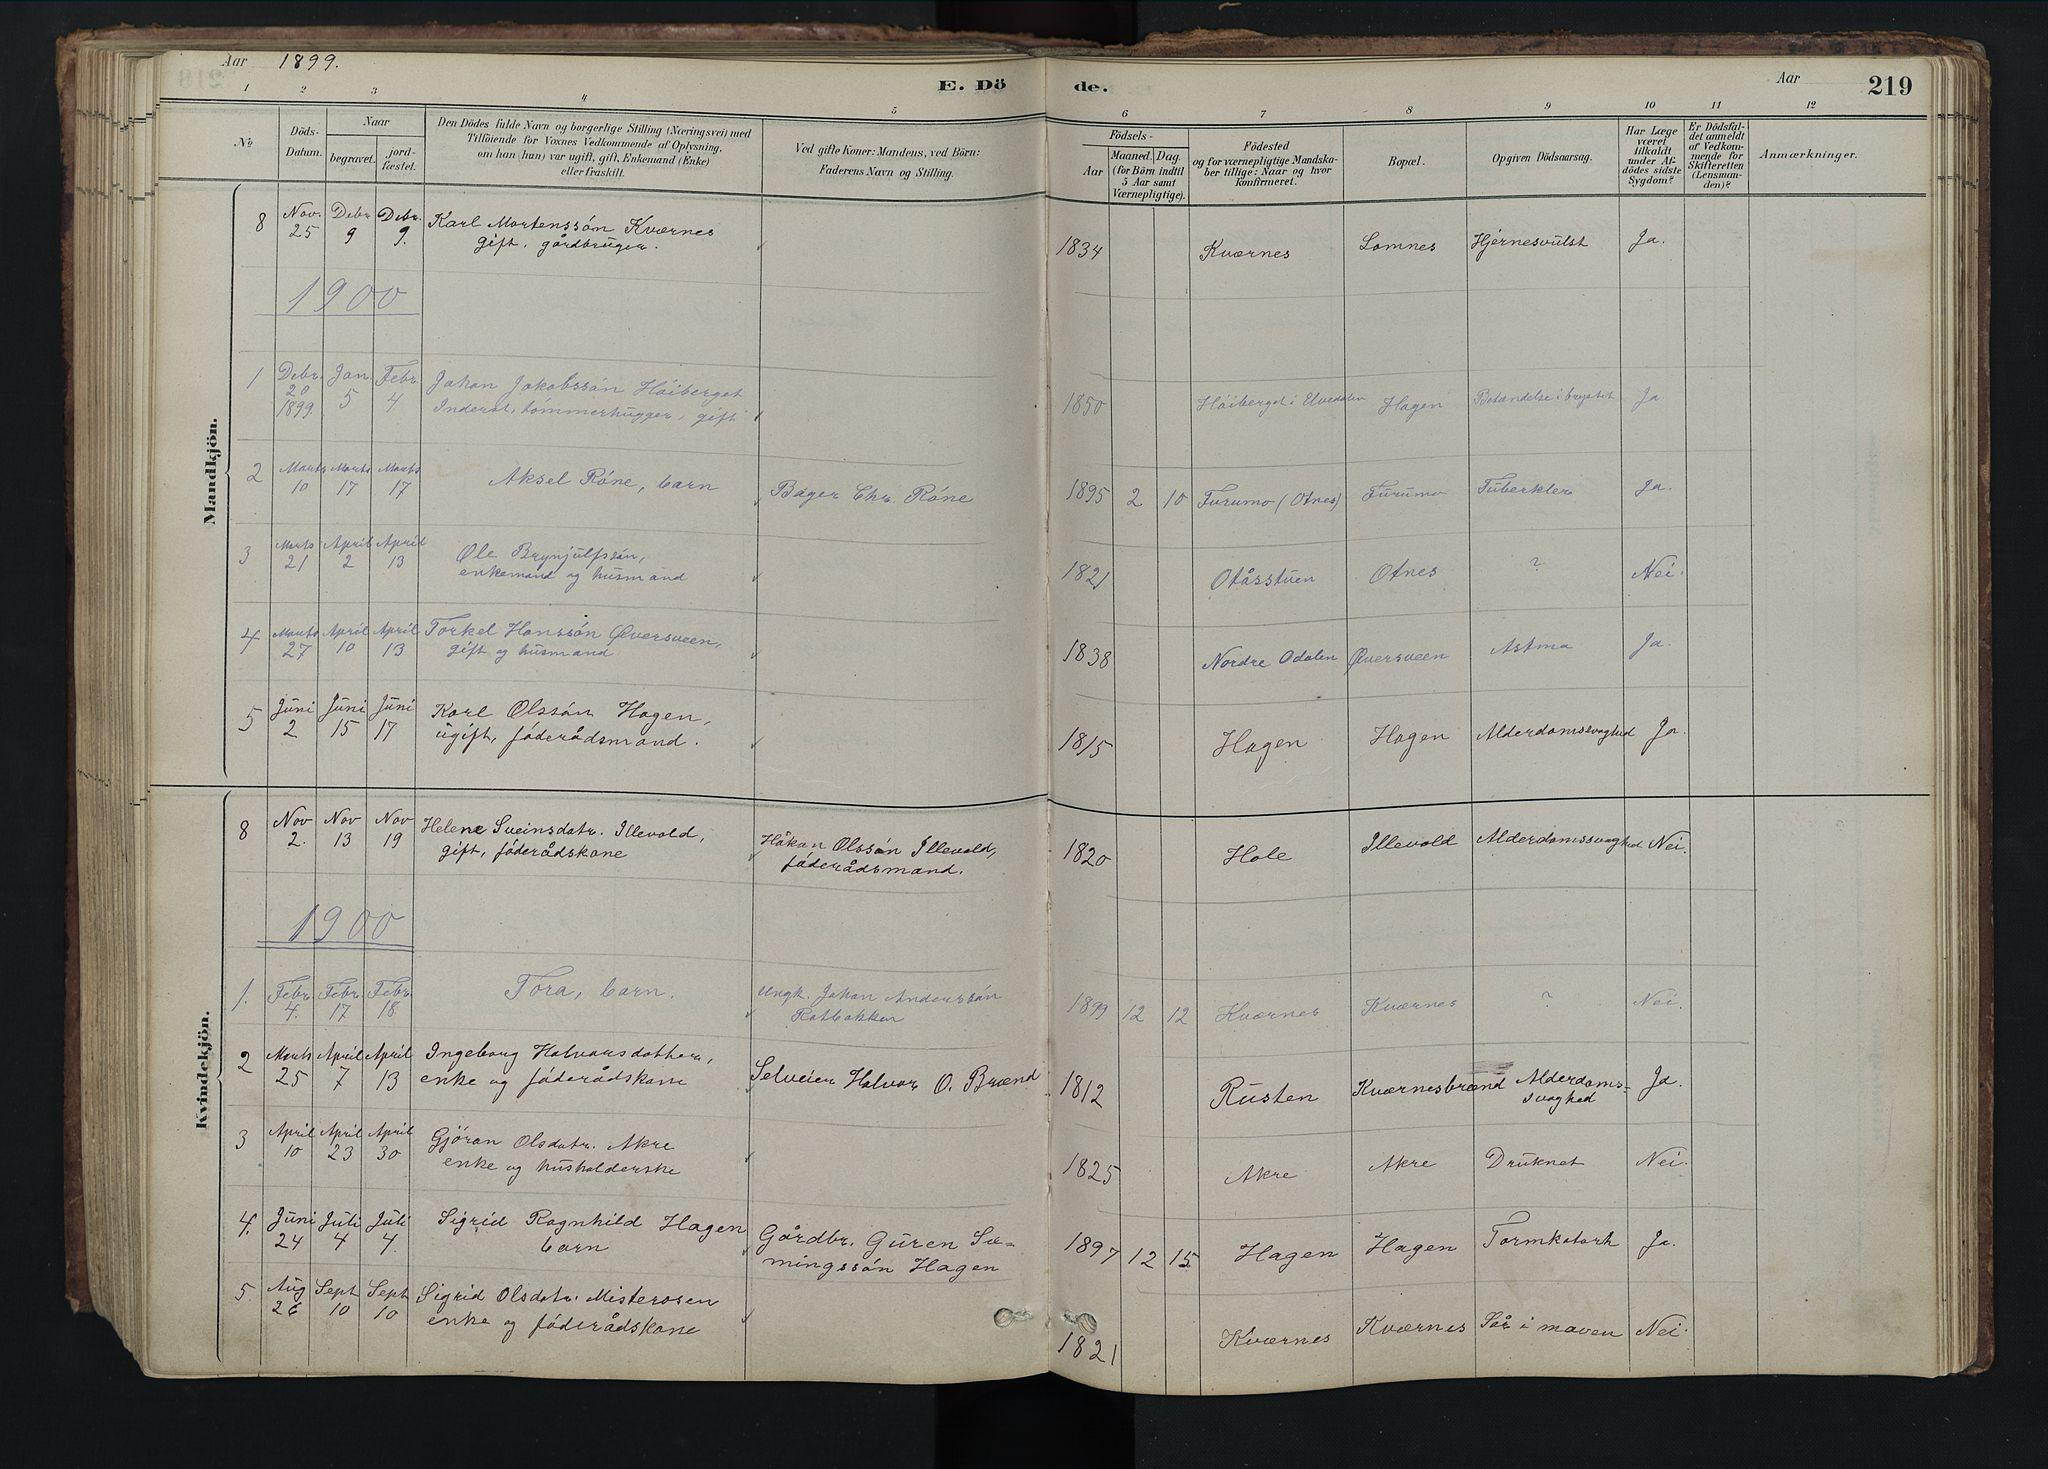 SAH, Rendalen prestekontor, H/Ha/Hab/L0009: Klokkerbok nr. 9, 1879-1902, s. 219